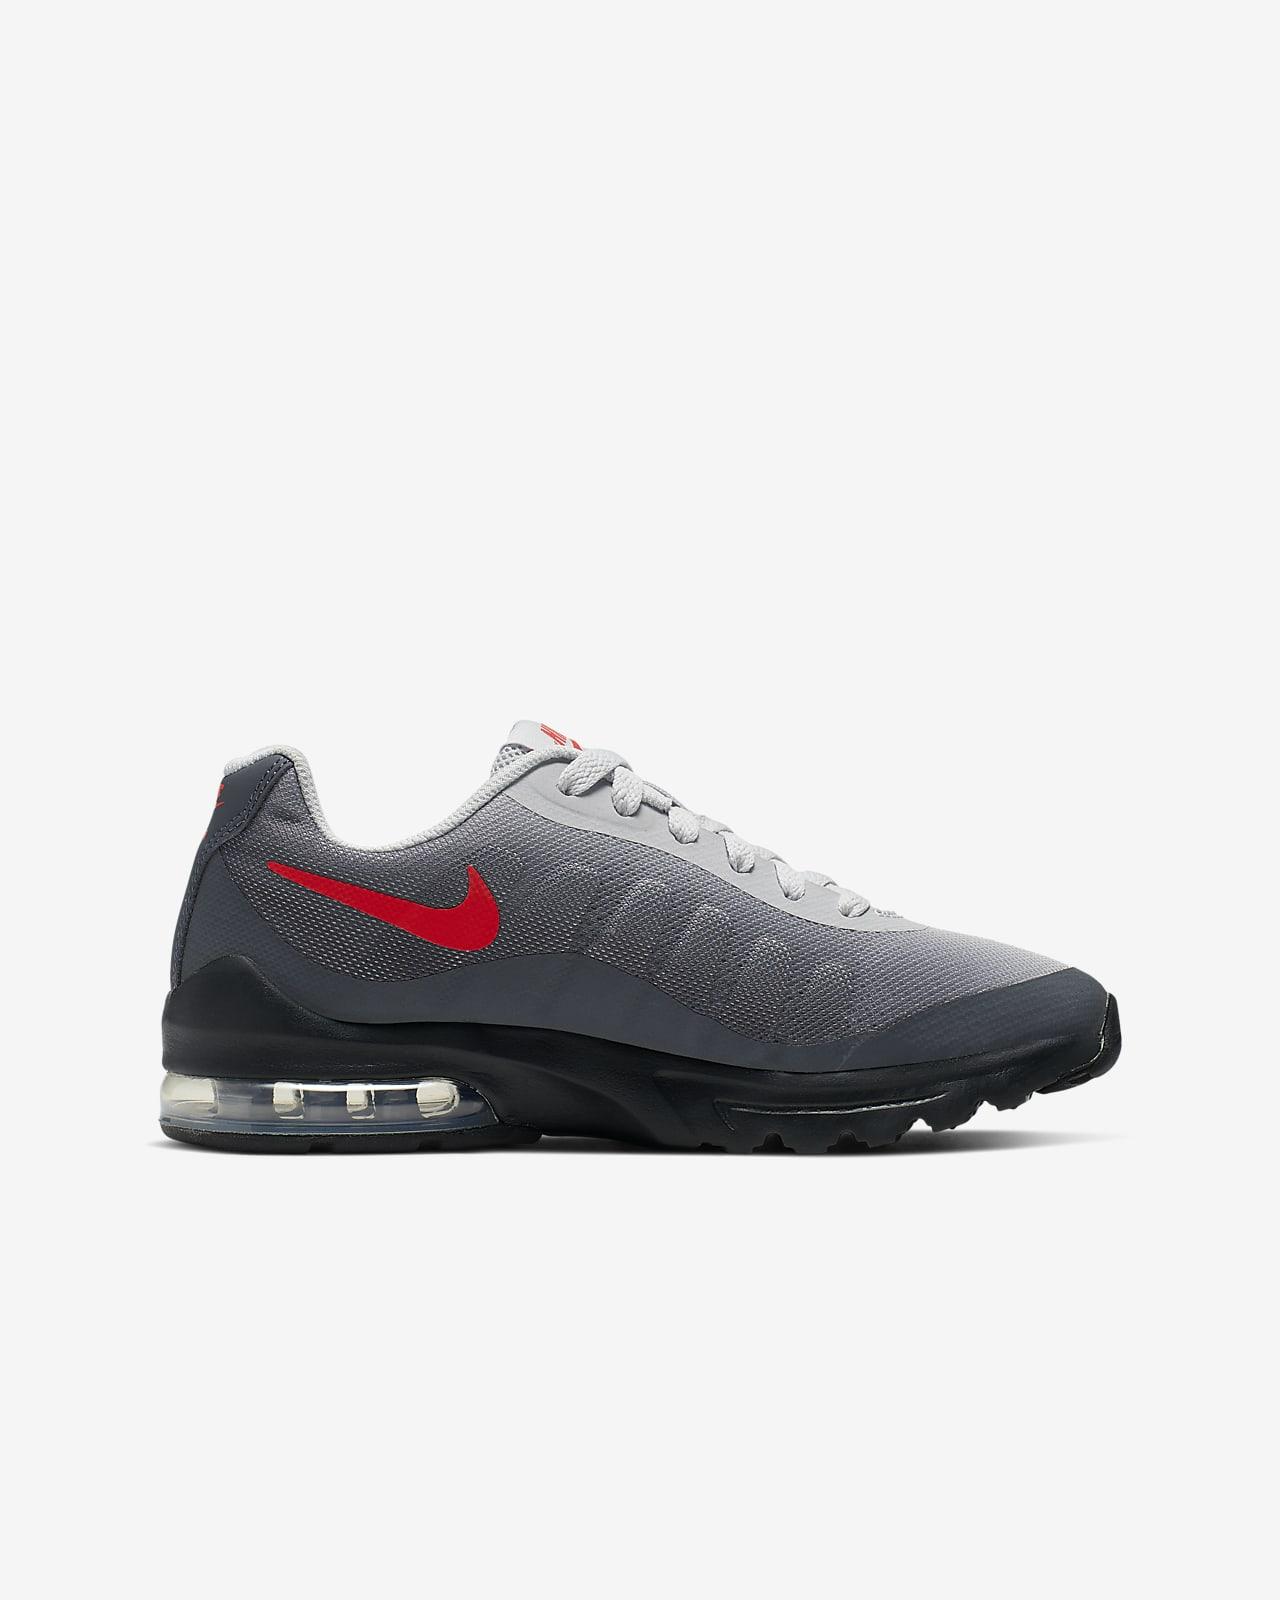 sneakers air max invigor ps nike